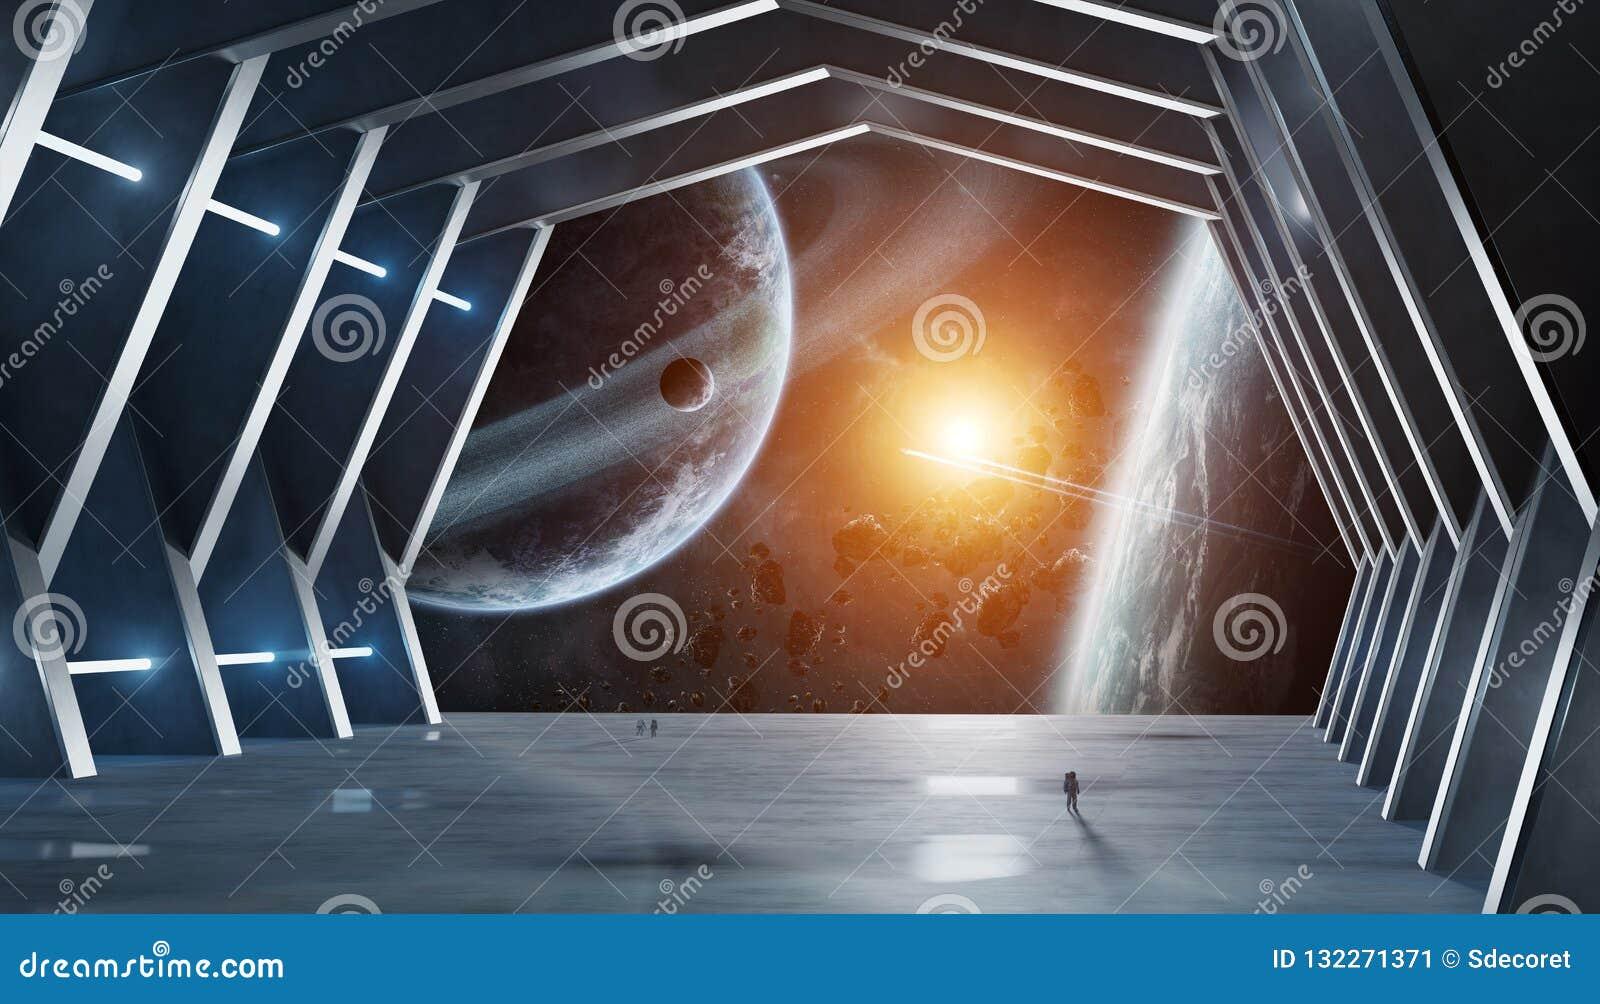 Элементы перевода 3D огромного космического корабля залы внутренние этого отображают